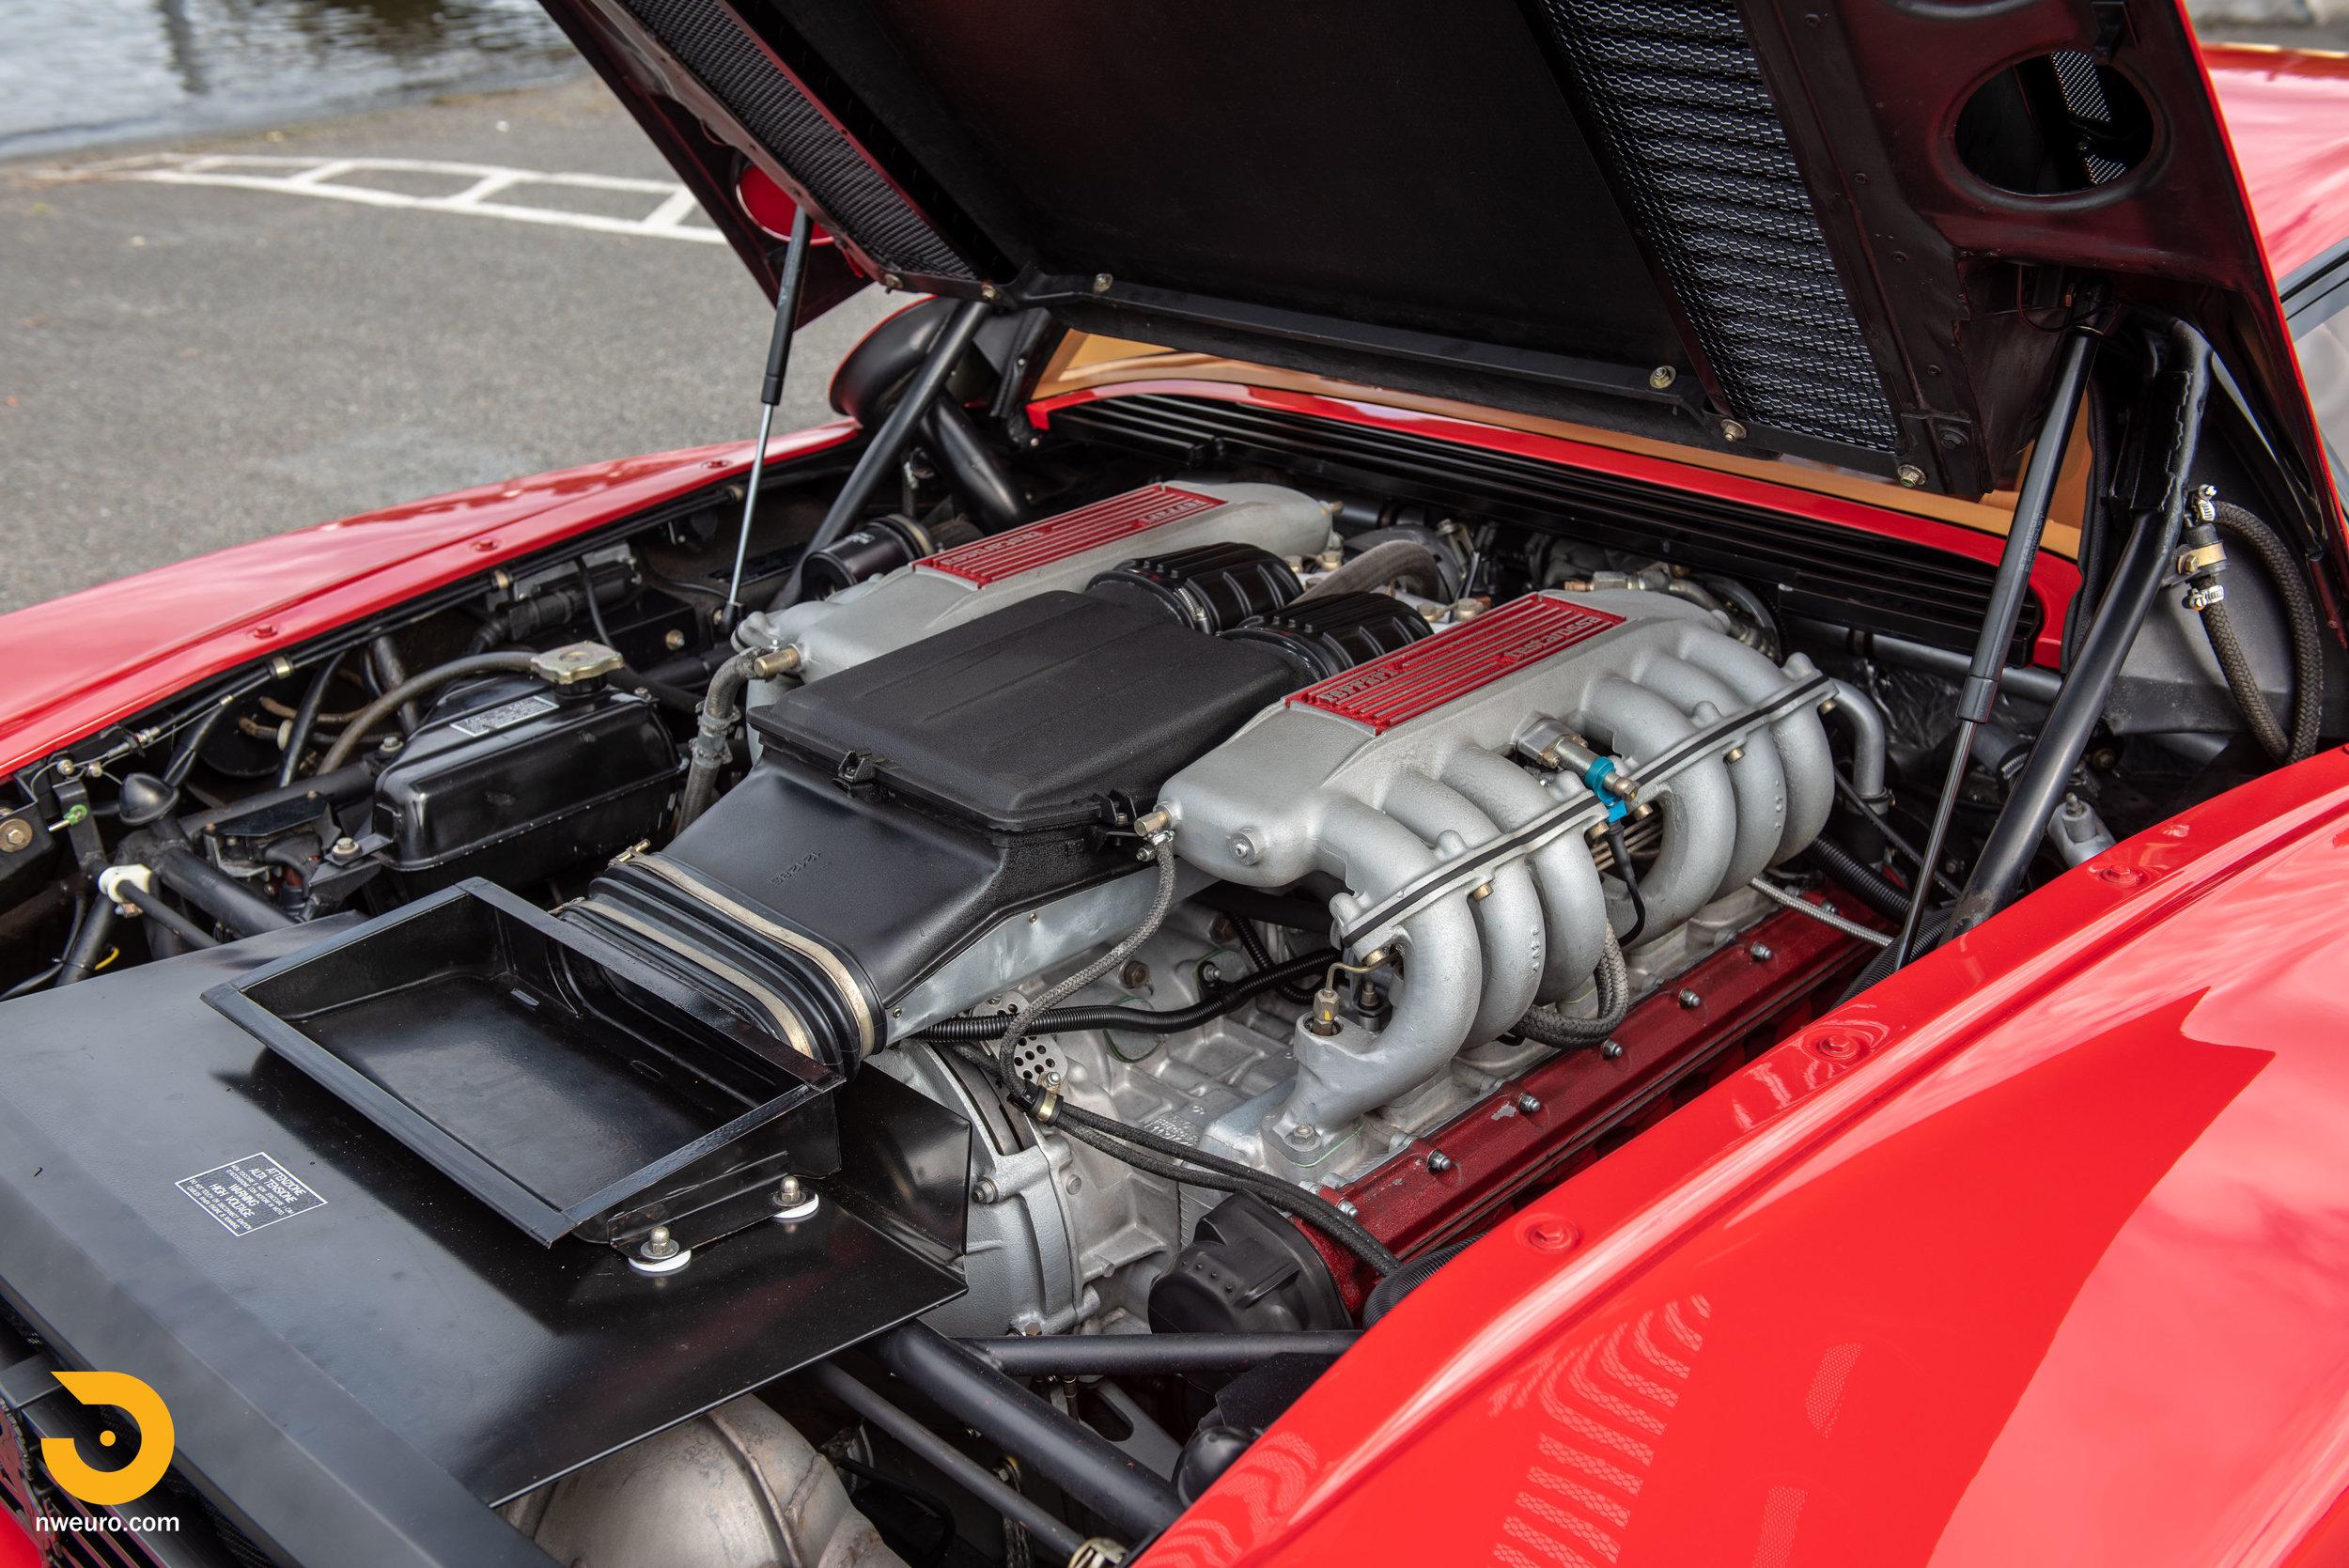 1988 Ferrari Testarossa-19.jpg